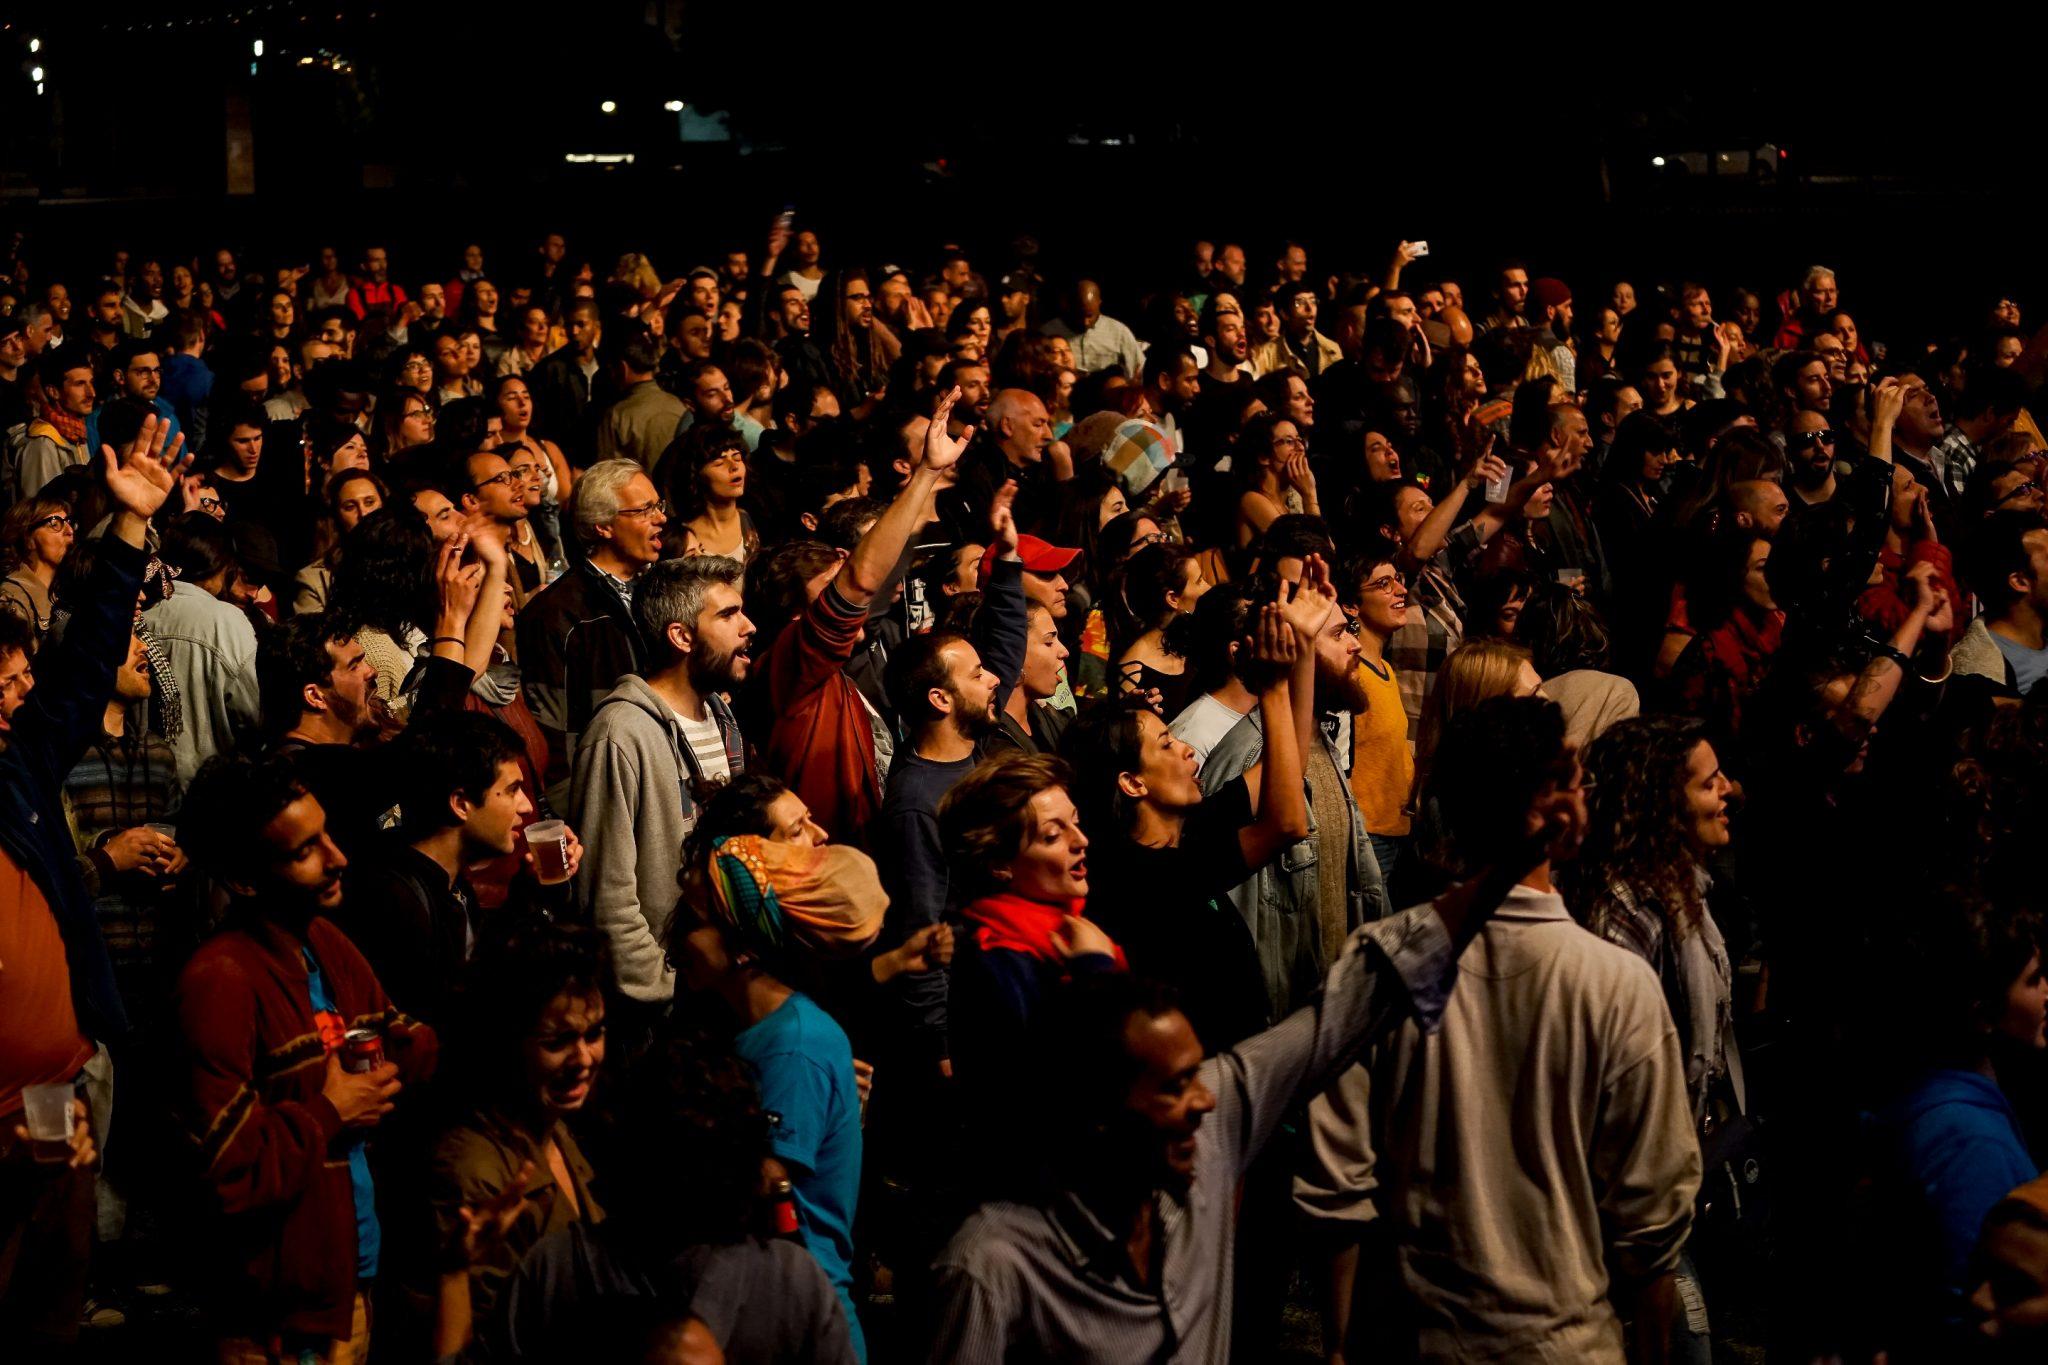 Visão geral do público a aplaudir de pé um espetáculo.